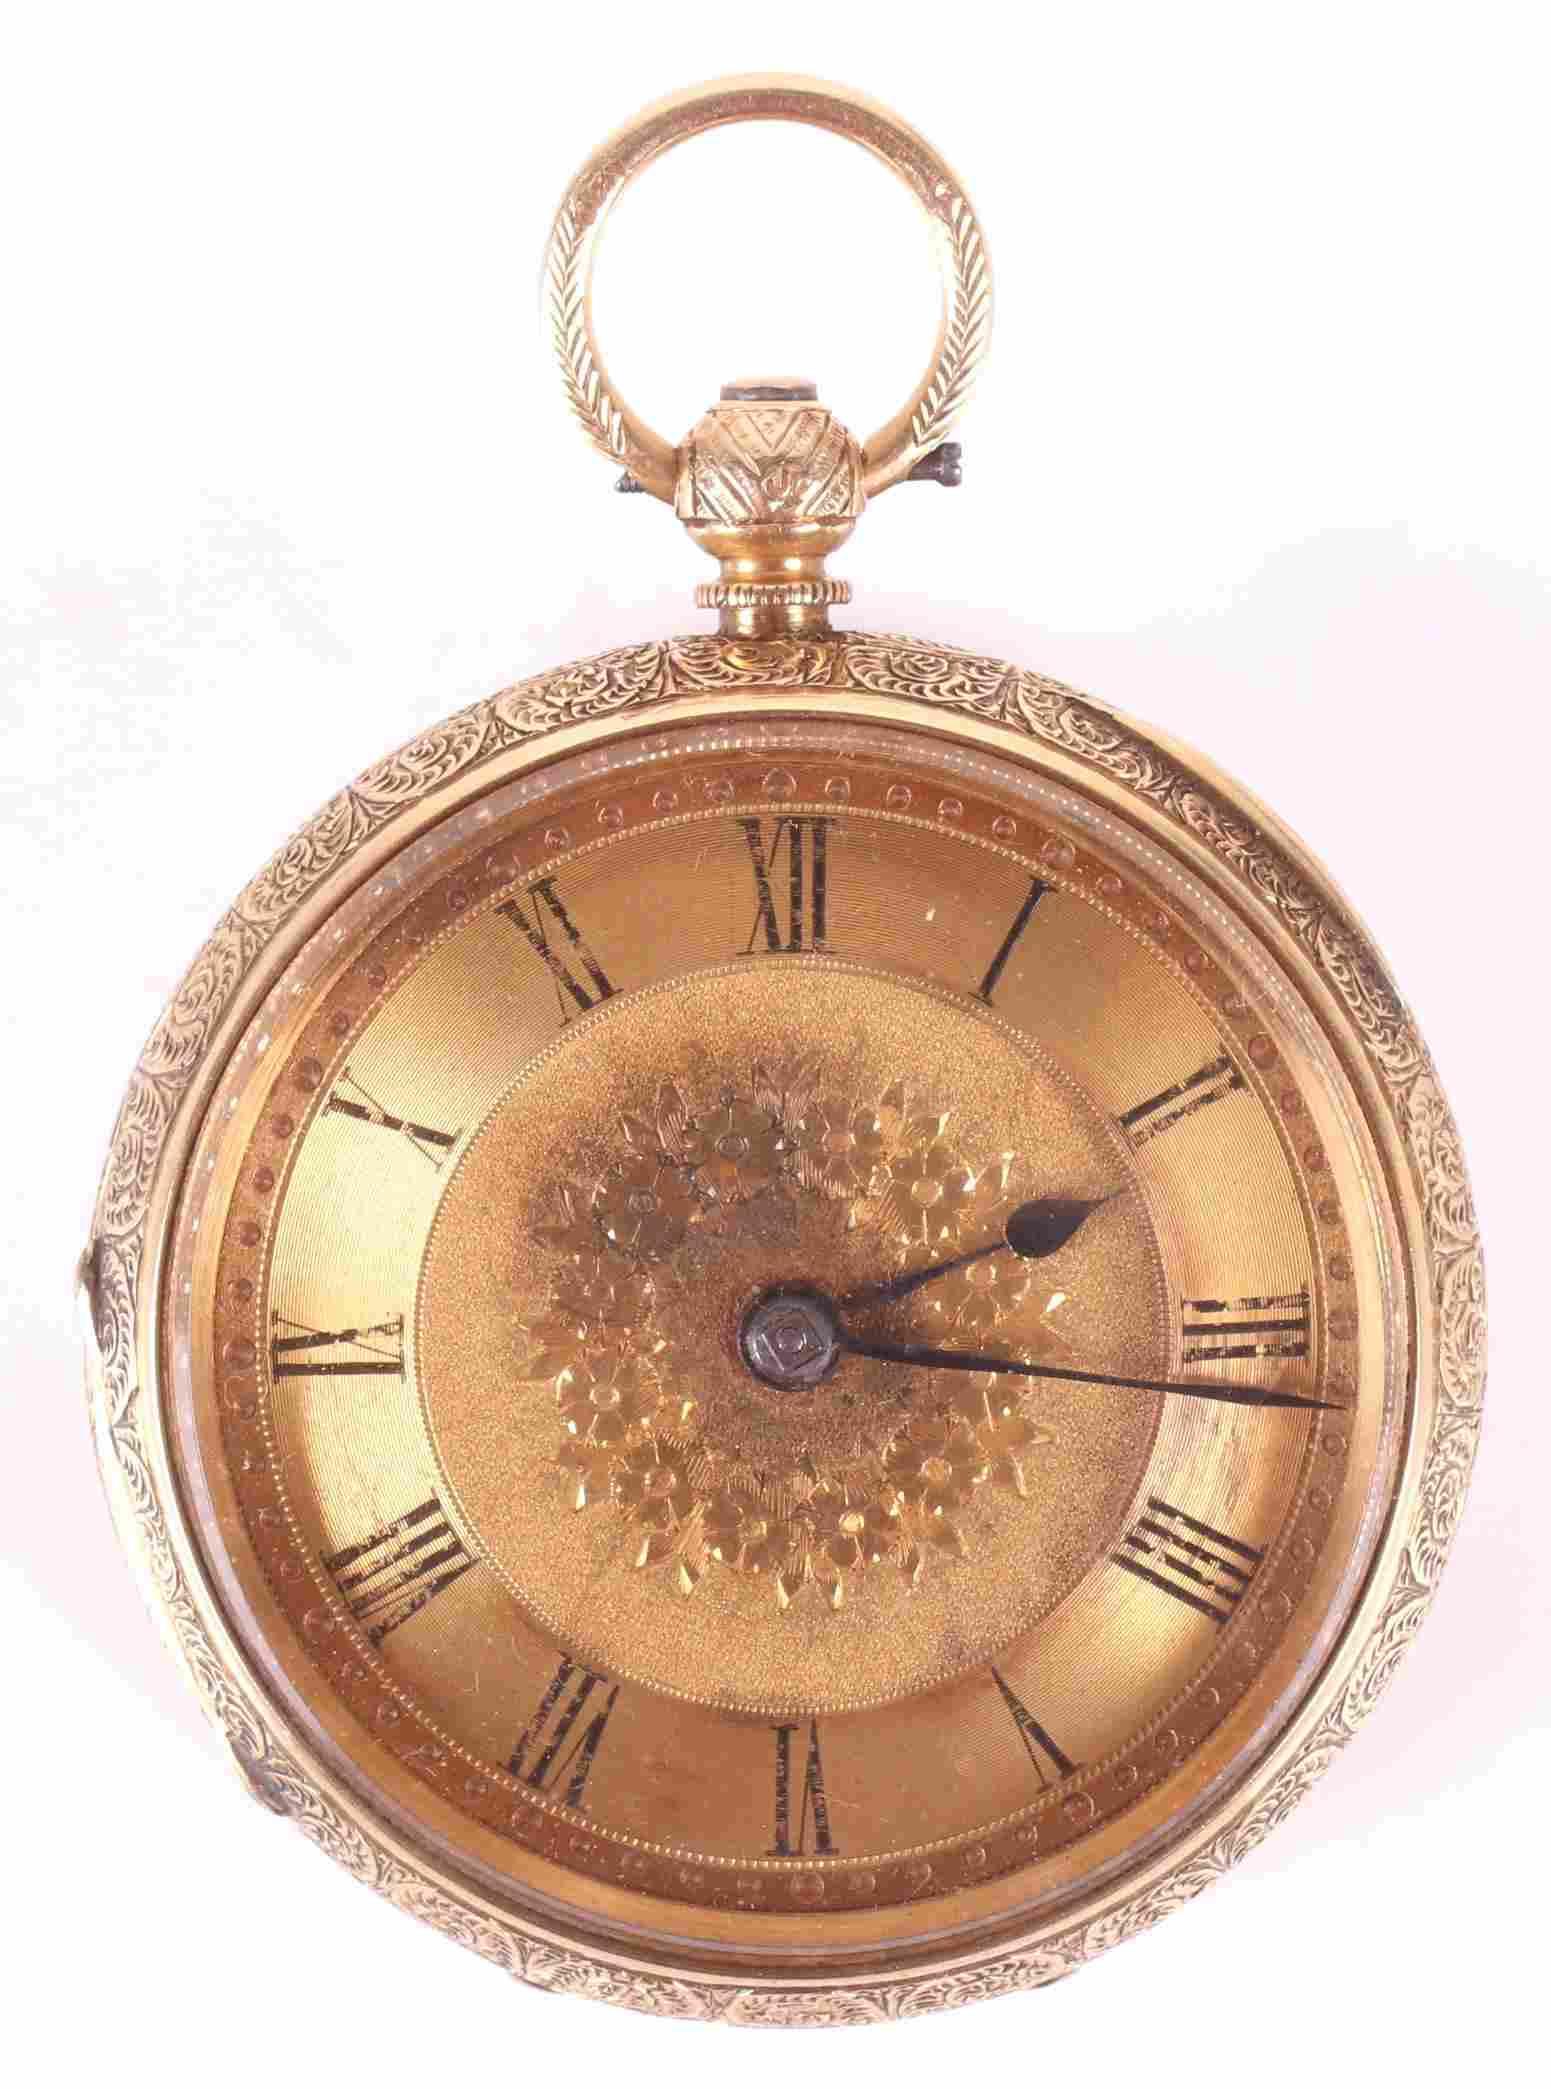 British 18k Gold Pocket Watch, Chester